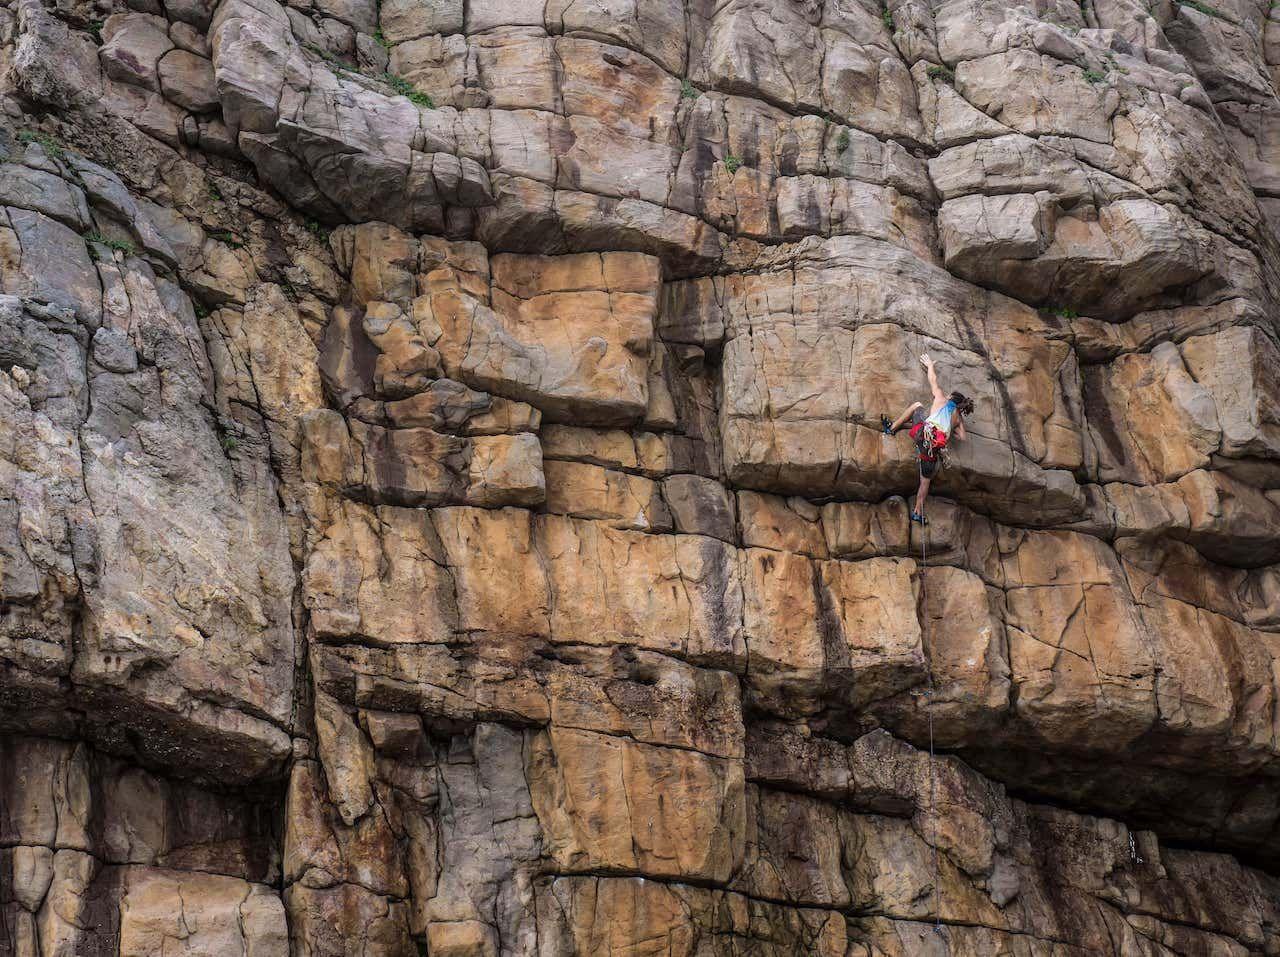 Rock climbing in Taiwan